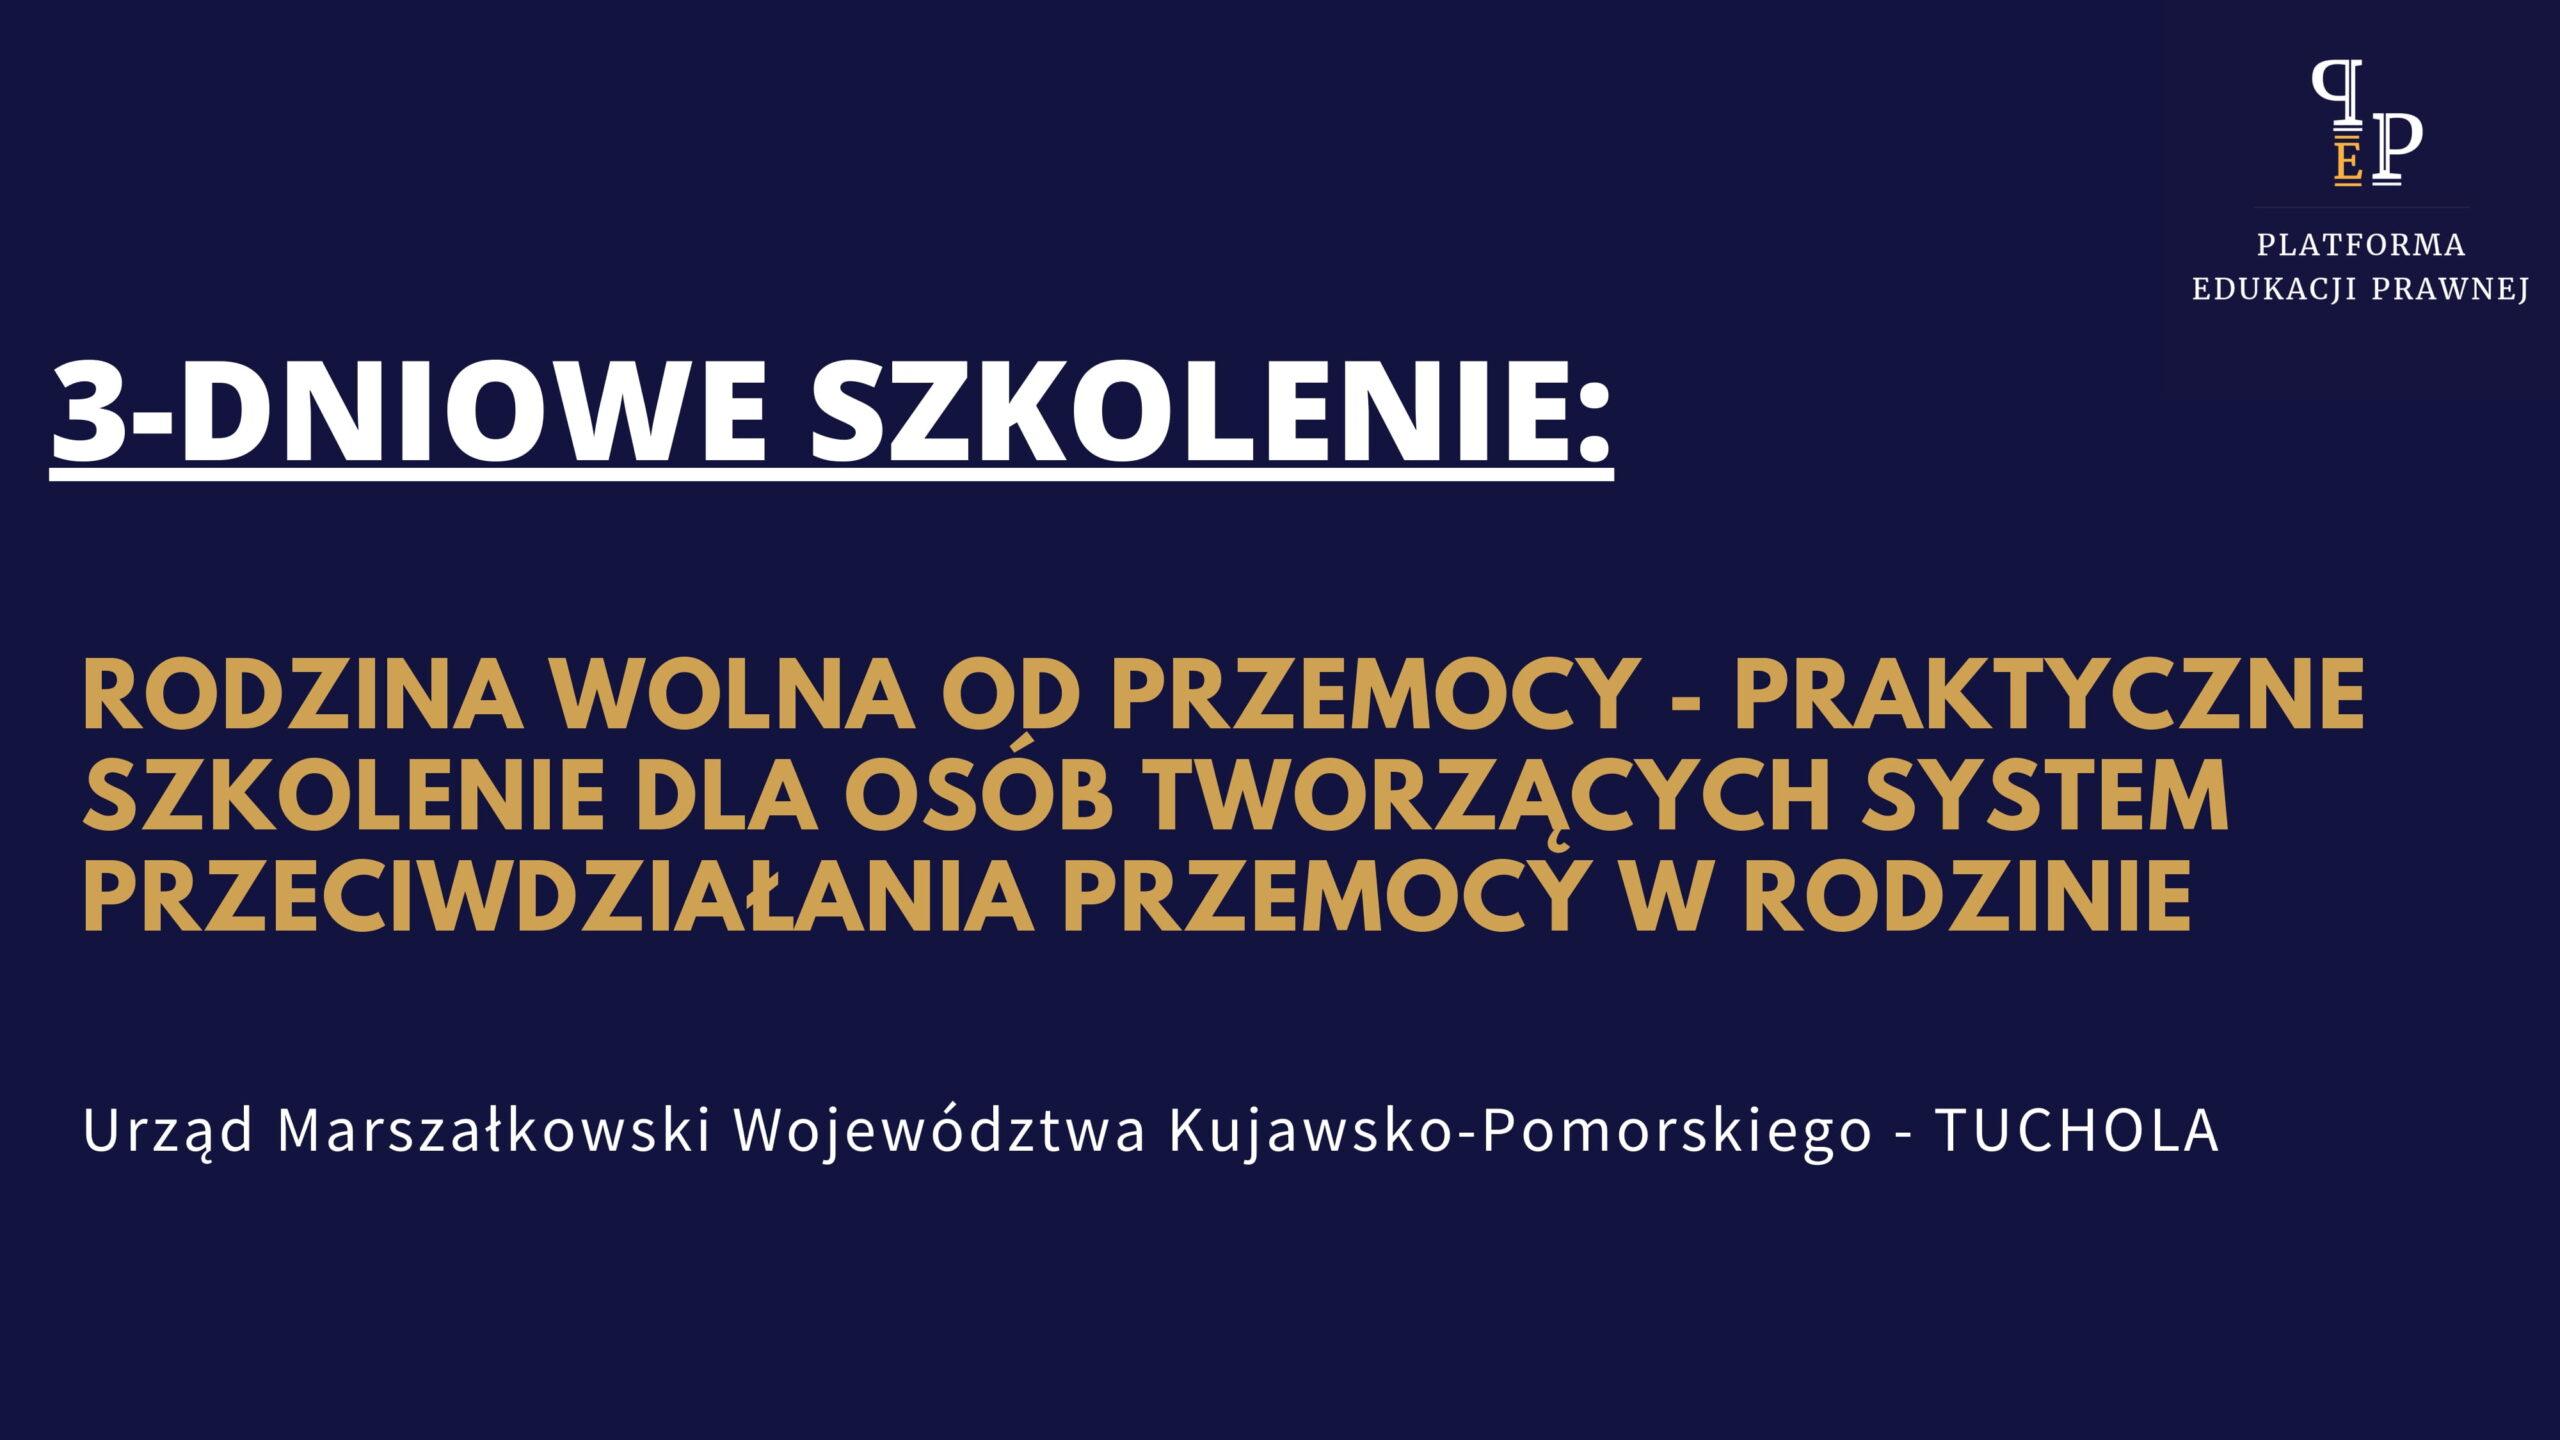 urząd_marszałkowski_województwa_kujawsko_pomorskiego_tuchola